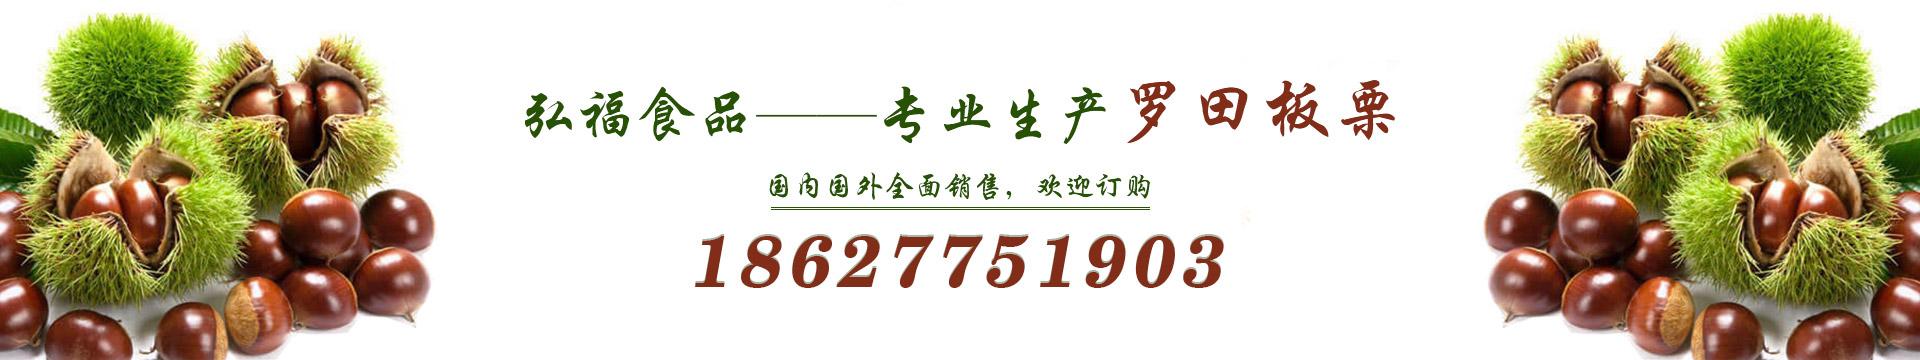 罗田板栗,基地展示banner